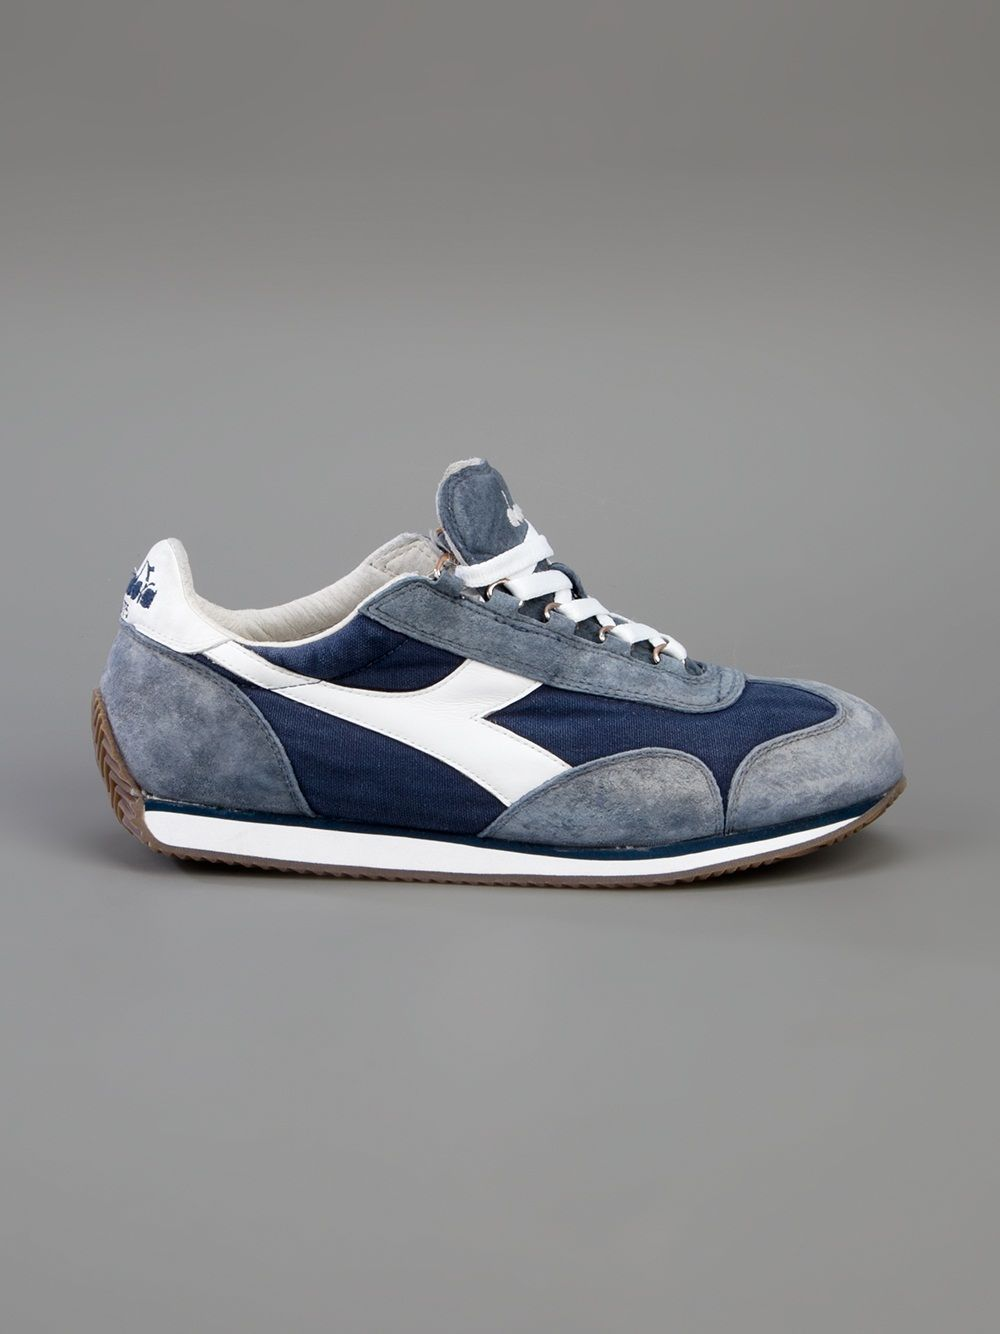 Diadora sneakers made in Italy | Mocassini uomini, Uomo